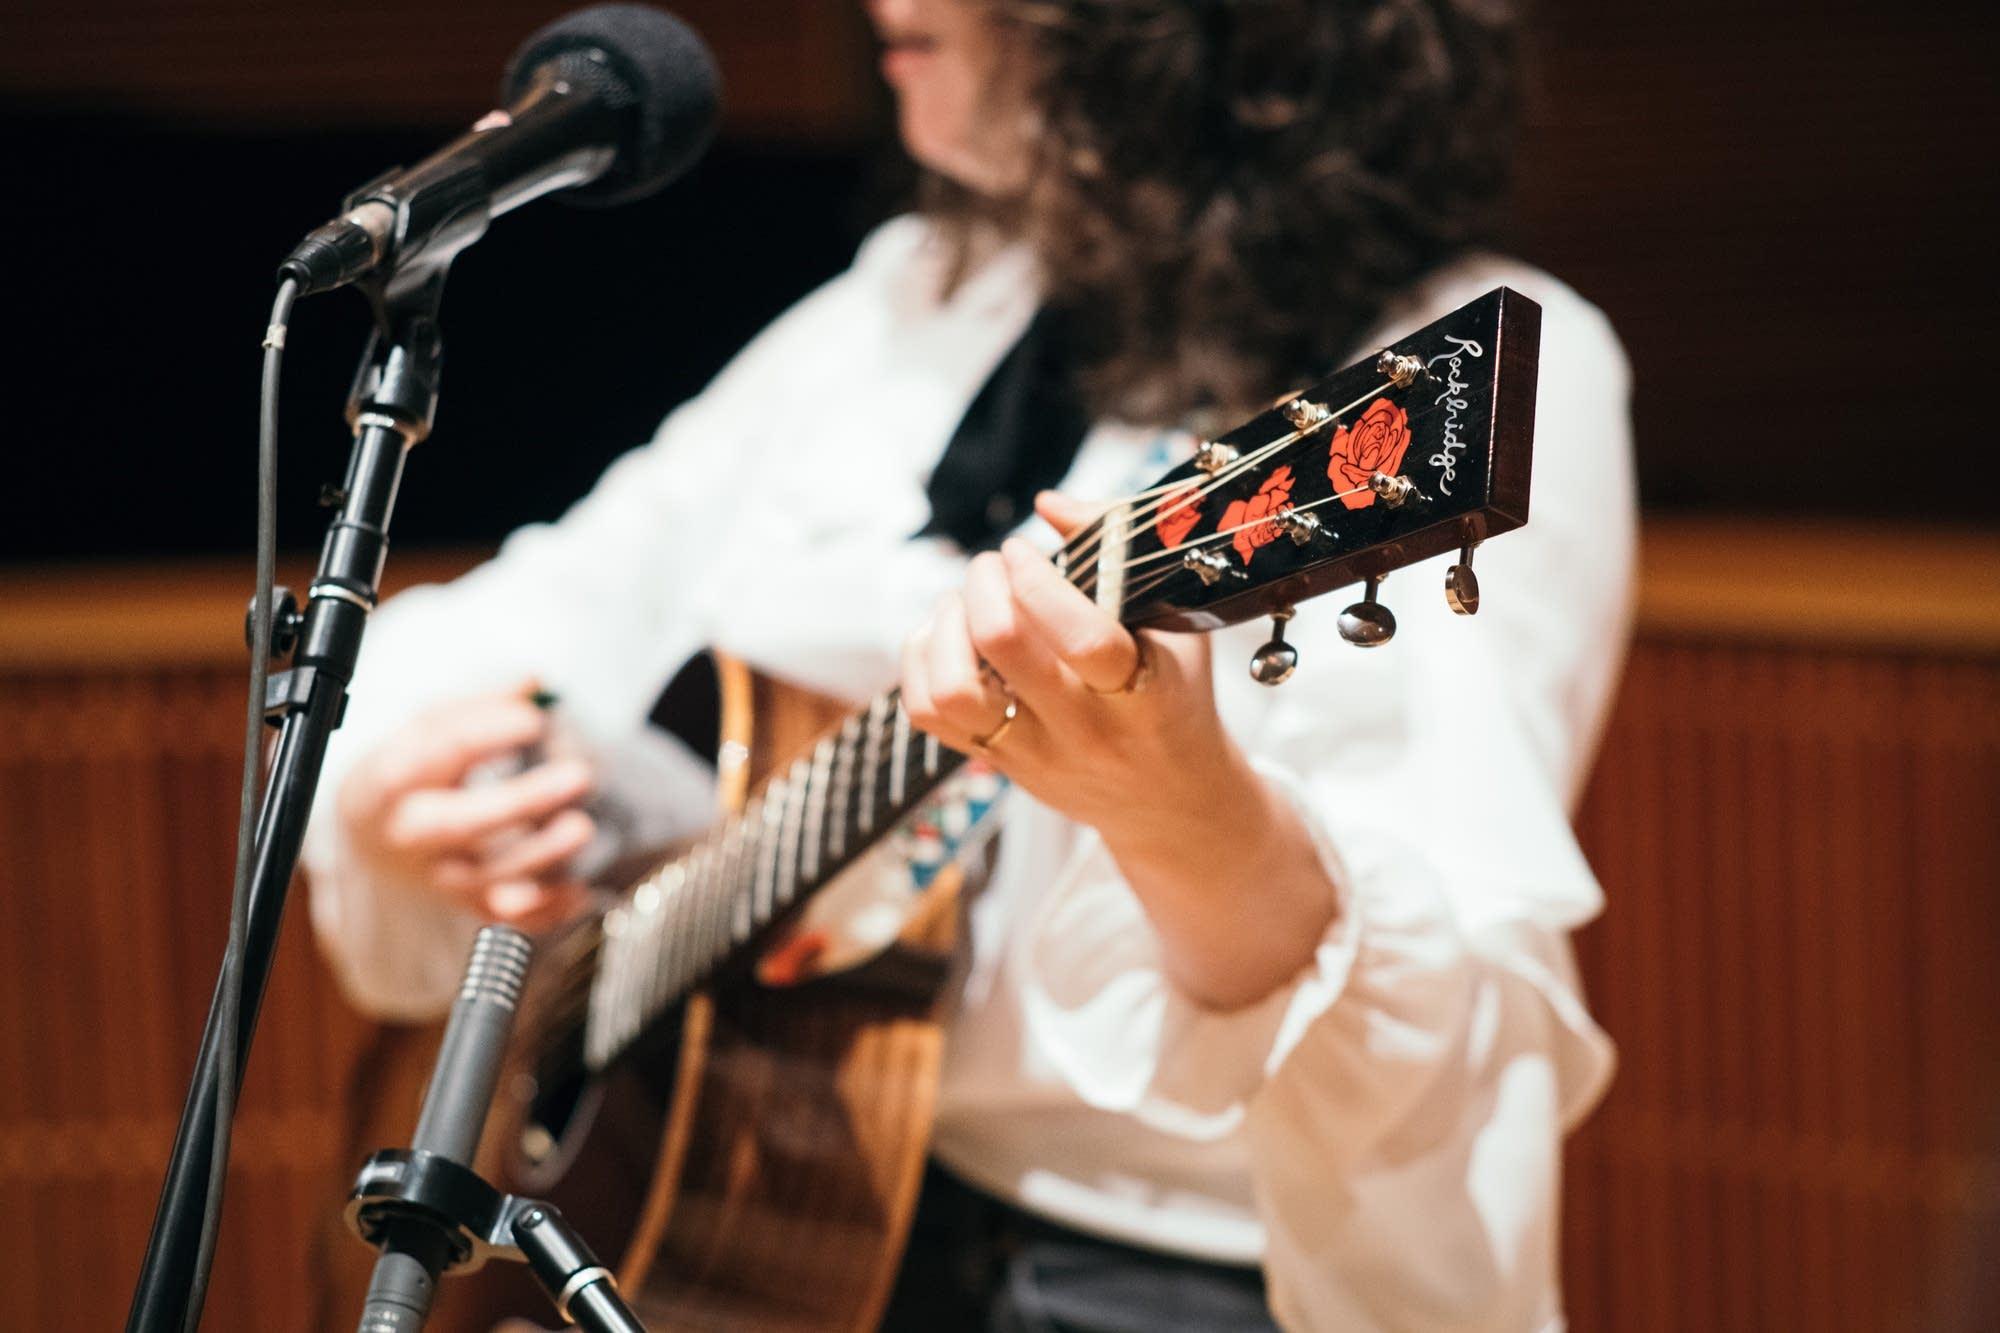 Joseph perform in The Current studio